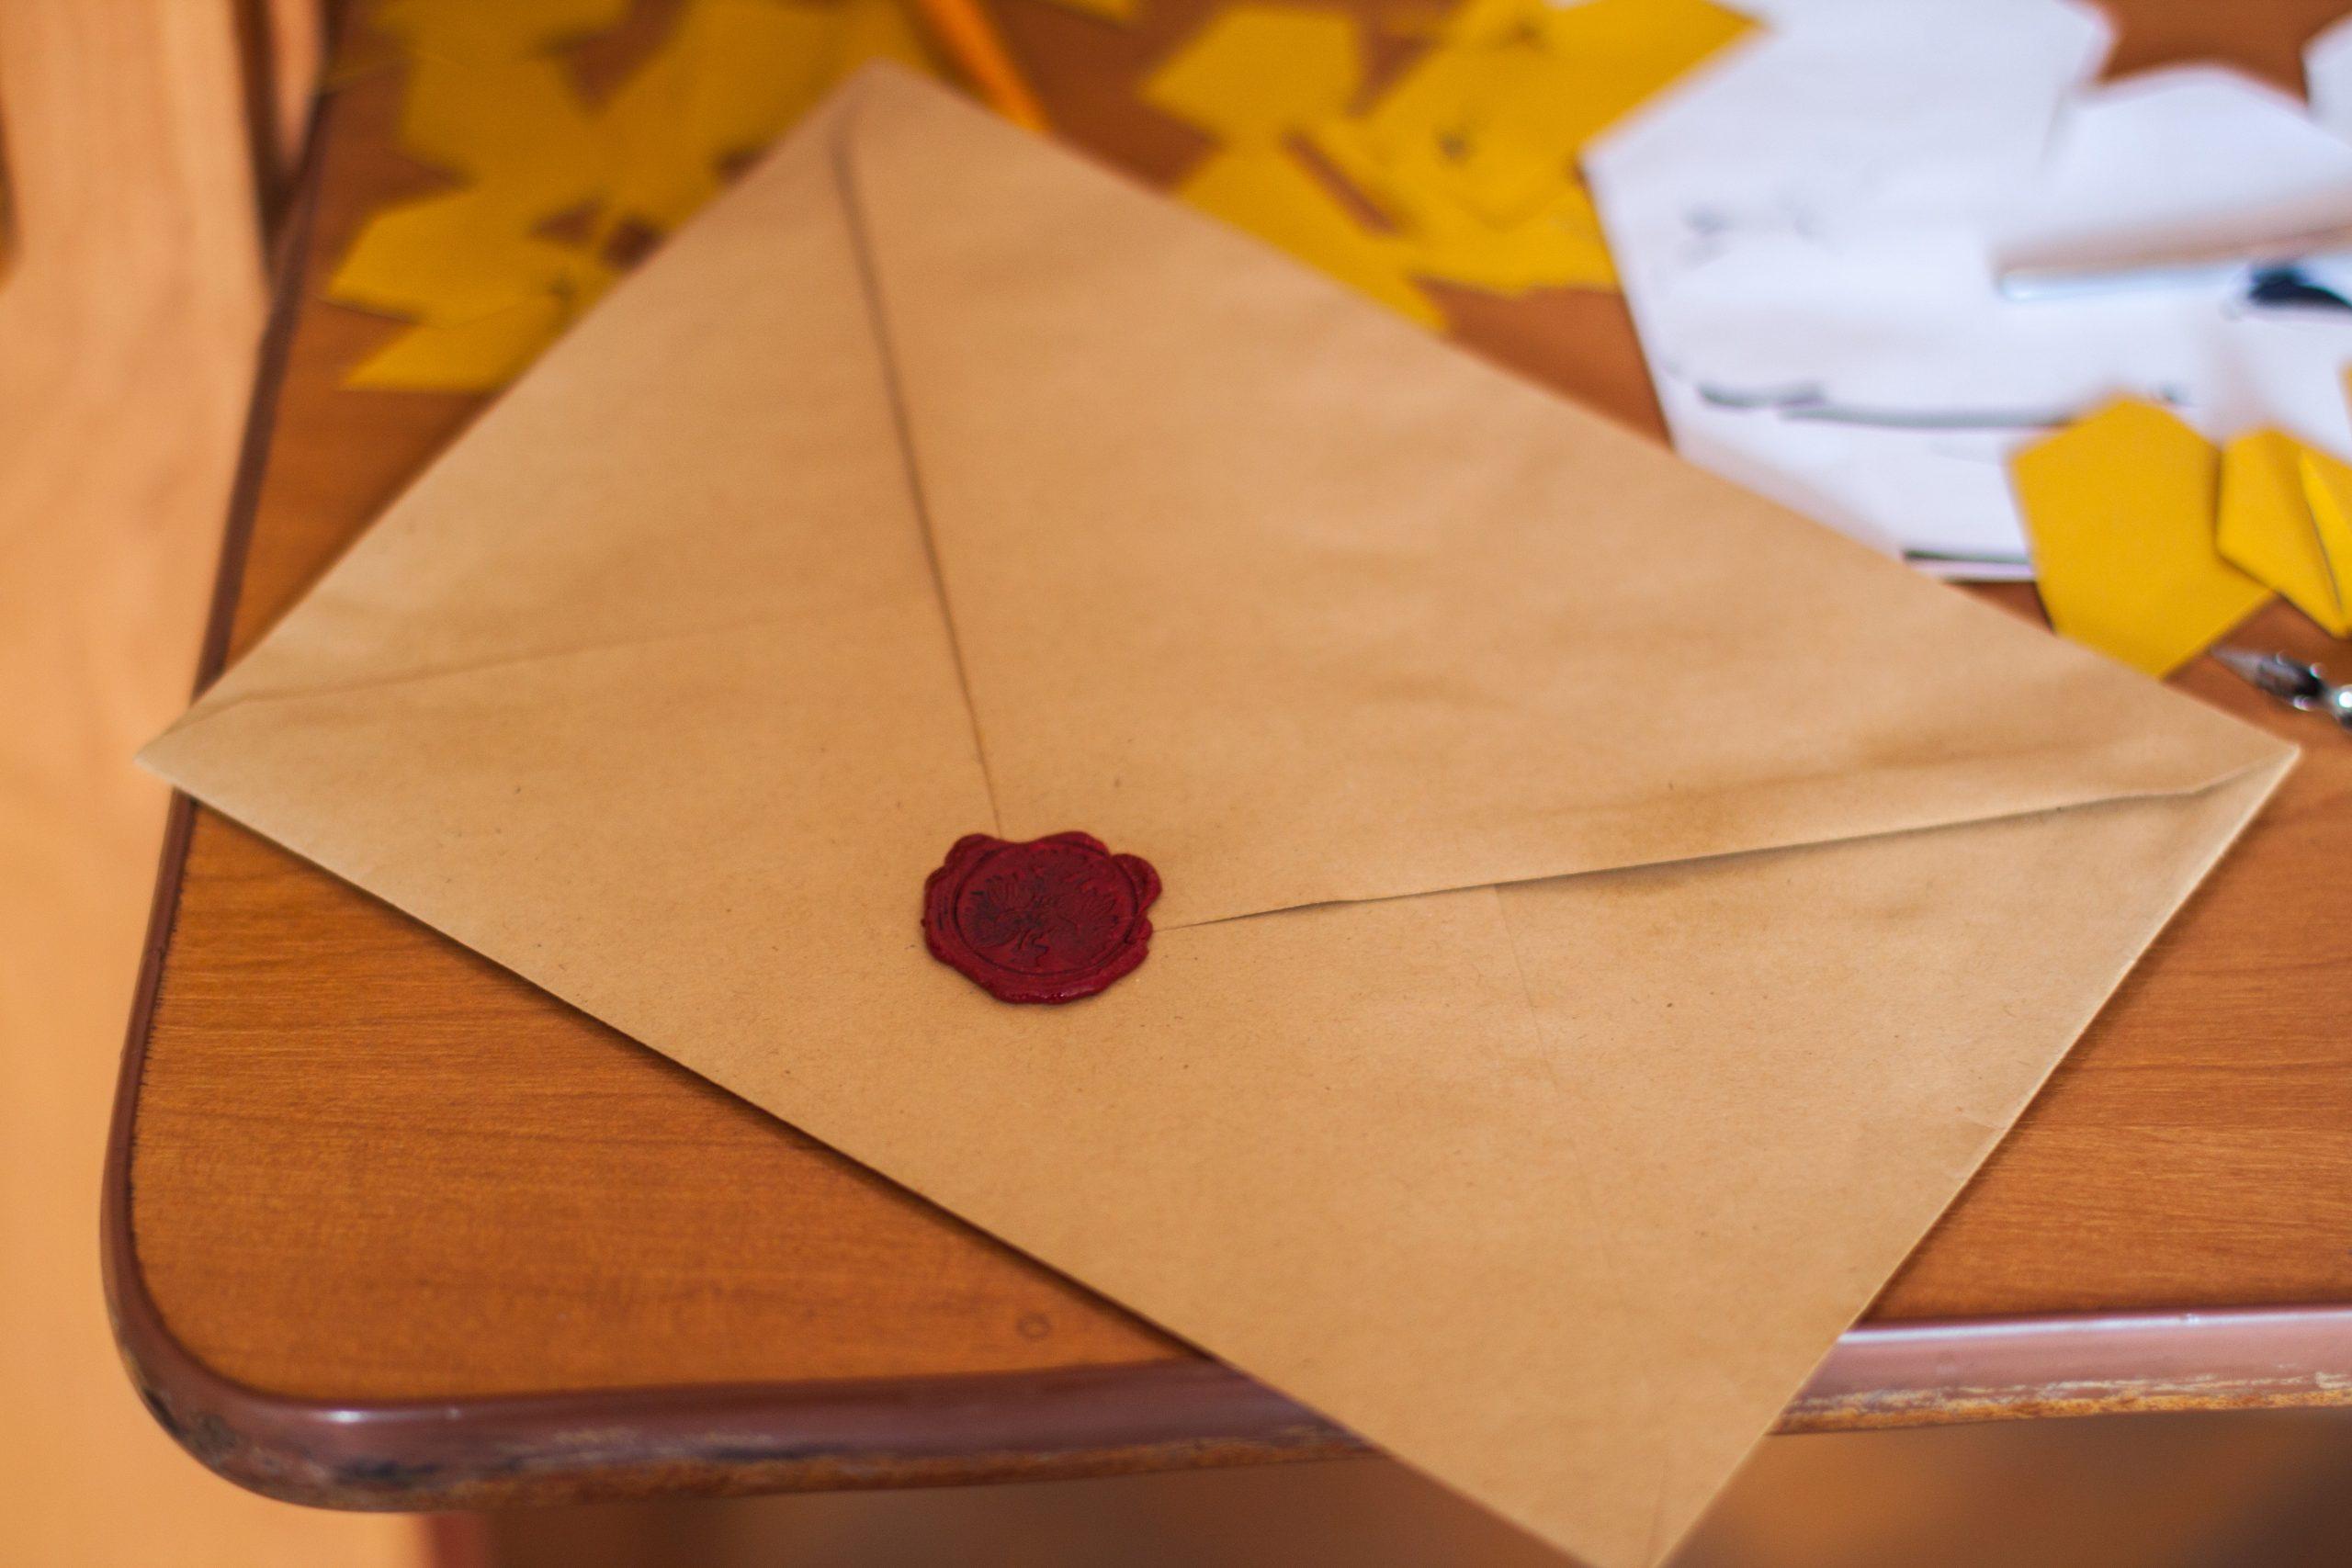 Zaproszenie na ślub -jak odmówić przyjścia na wesele?